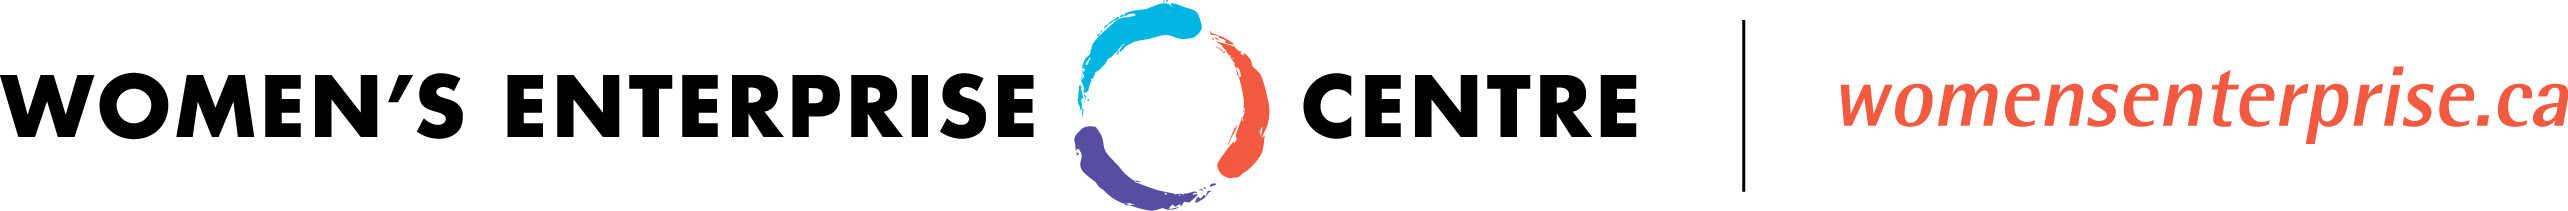 WEC_Logo_Colour_URL_Horizontal_LARGE